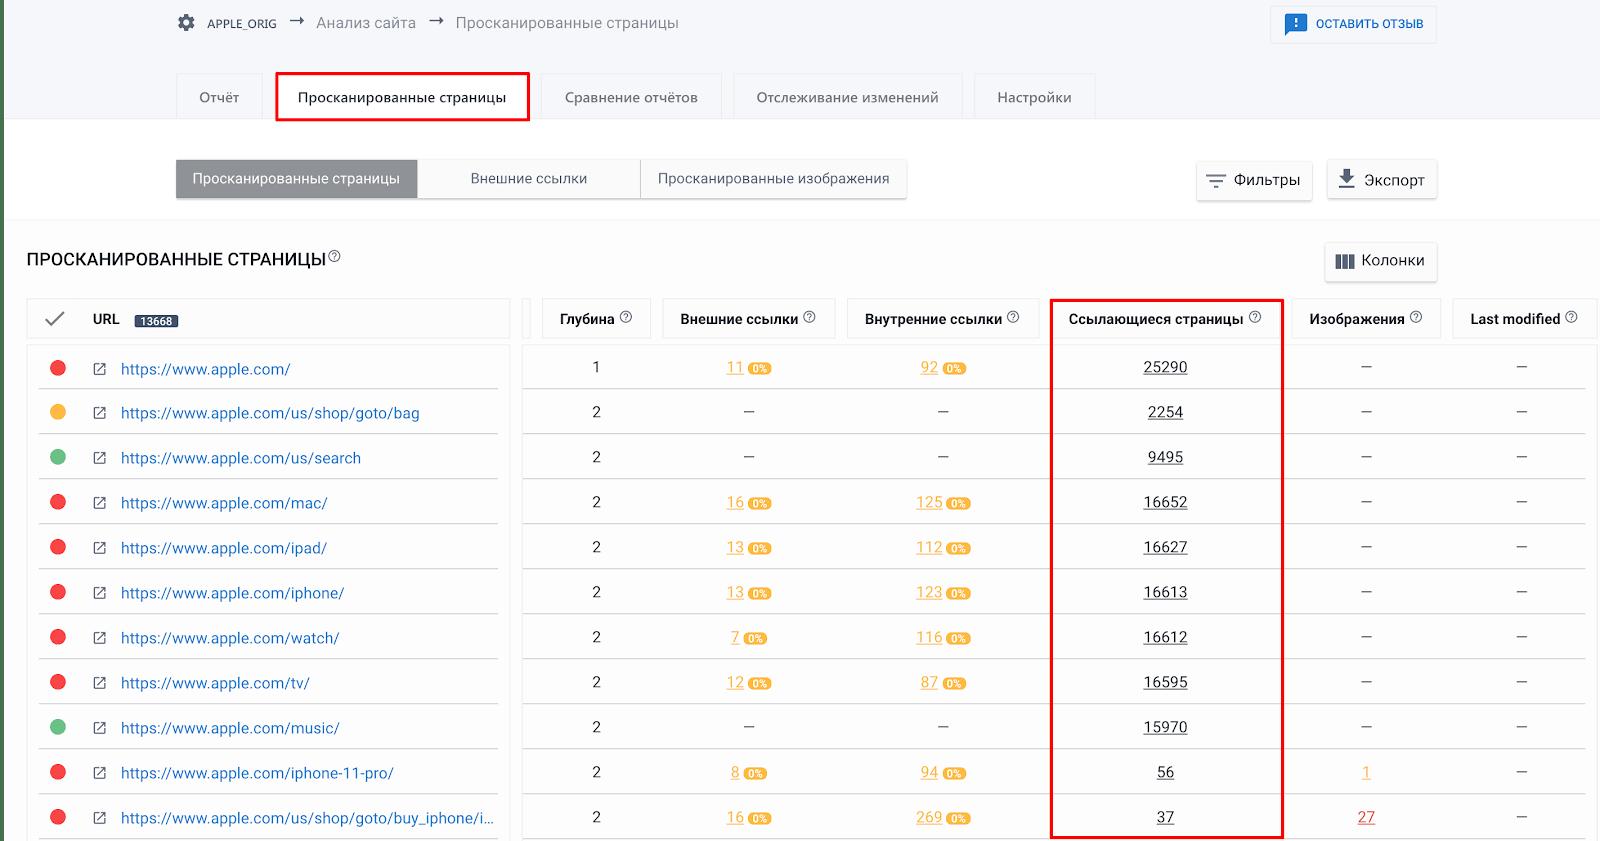 """Ссылающиеся страницы в инструменте """"Анализе сайта"""" SE Ranking"""